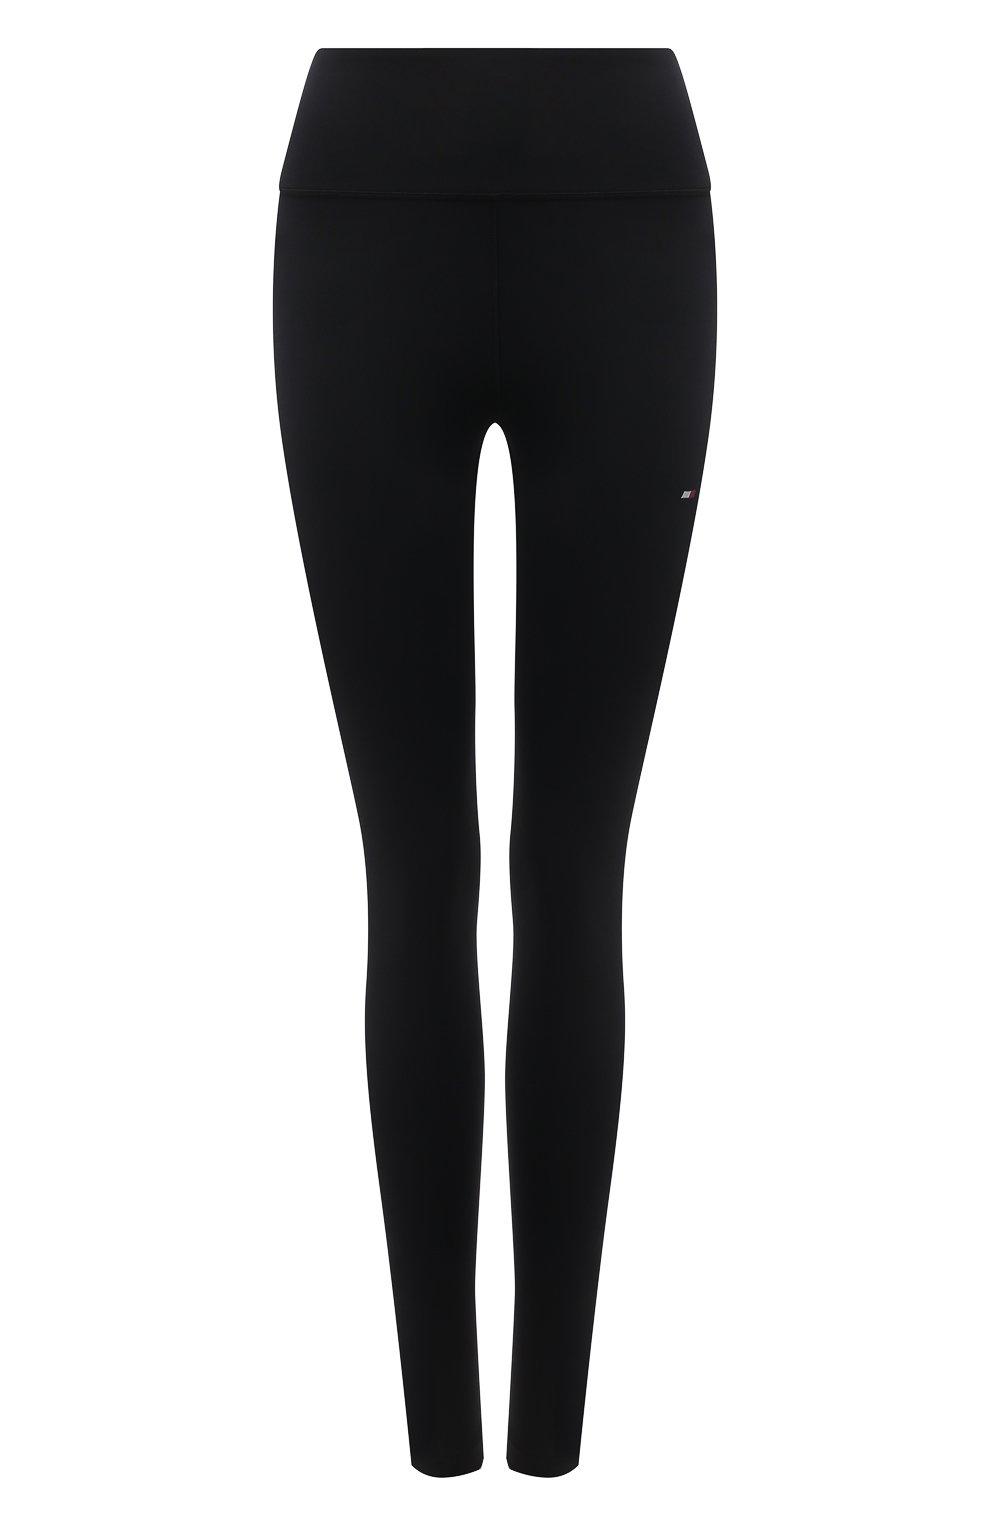 Женские леггинсы TOMMY HILFIGER черного цвета, арт. S10S100947   Фото 1 (Длина (брюки, джинсы): Стандартные; Материал внешний: Синтетический материал; Стили: Спорт-шик; Женское Кросс-КТ: Леггинсы-спорт)